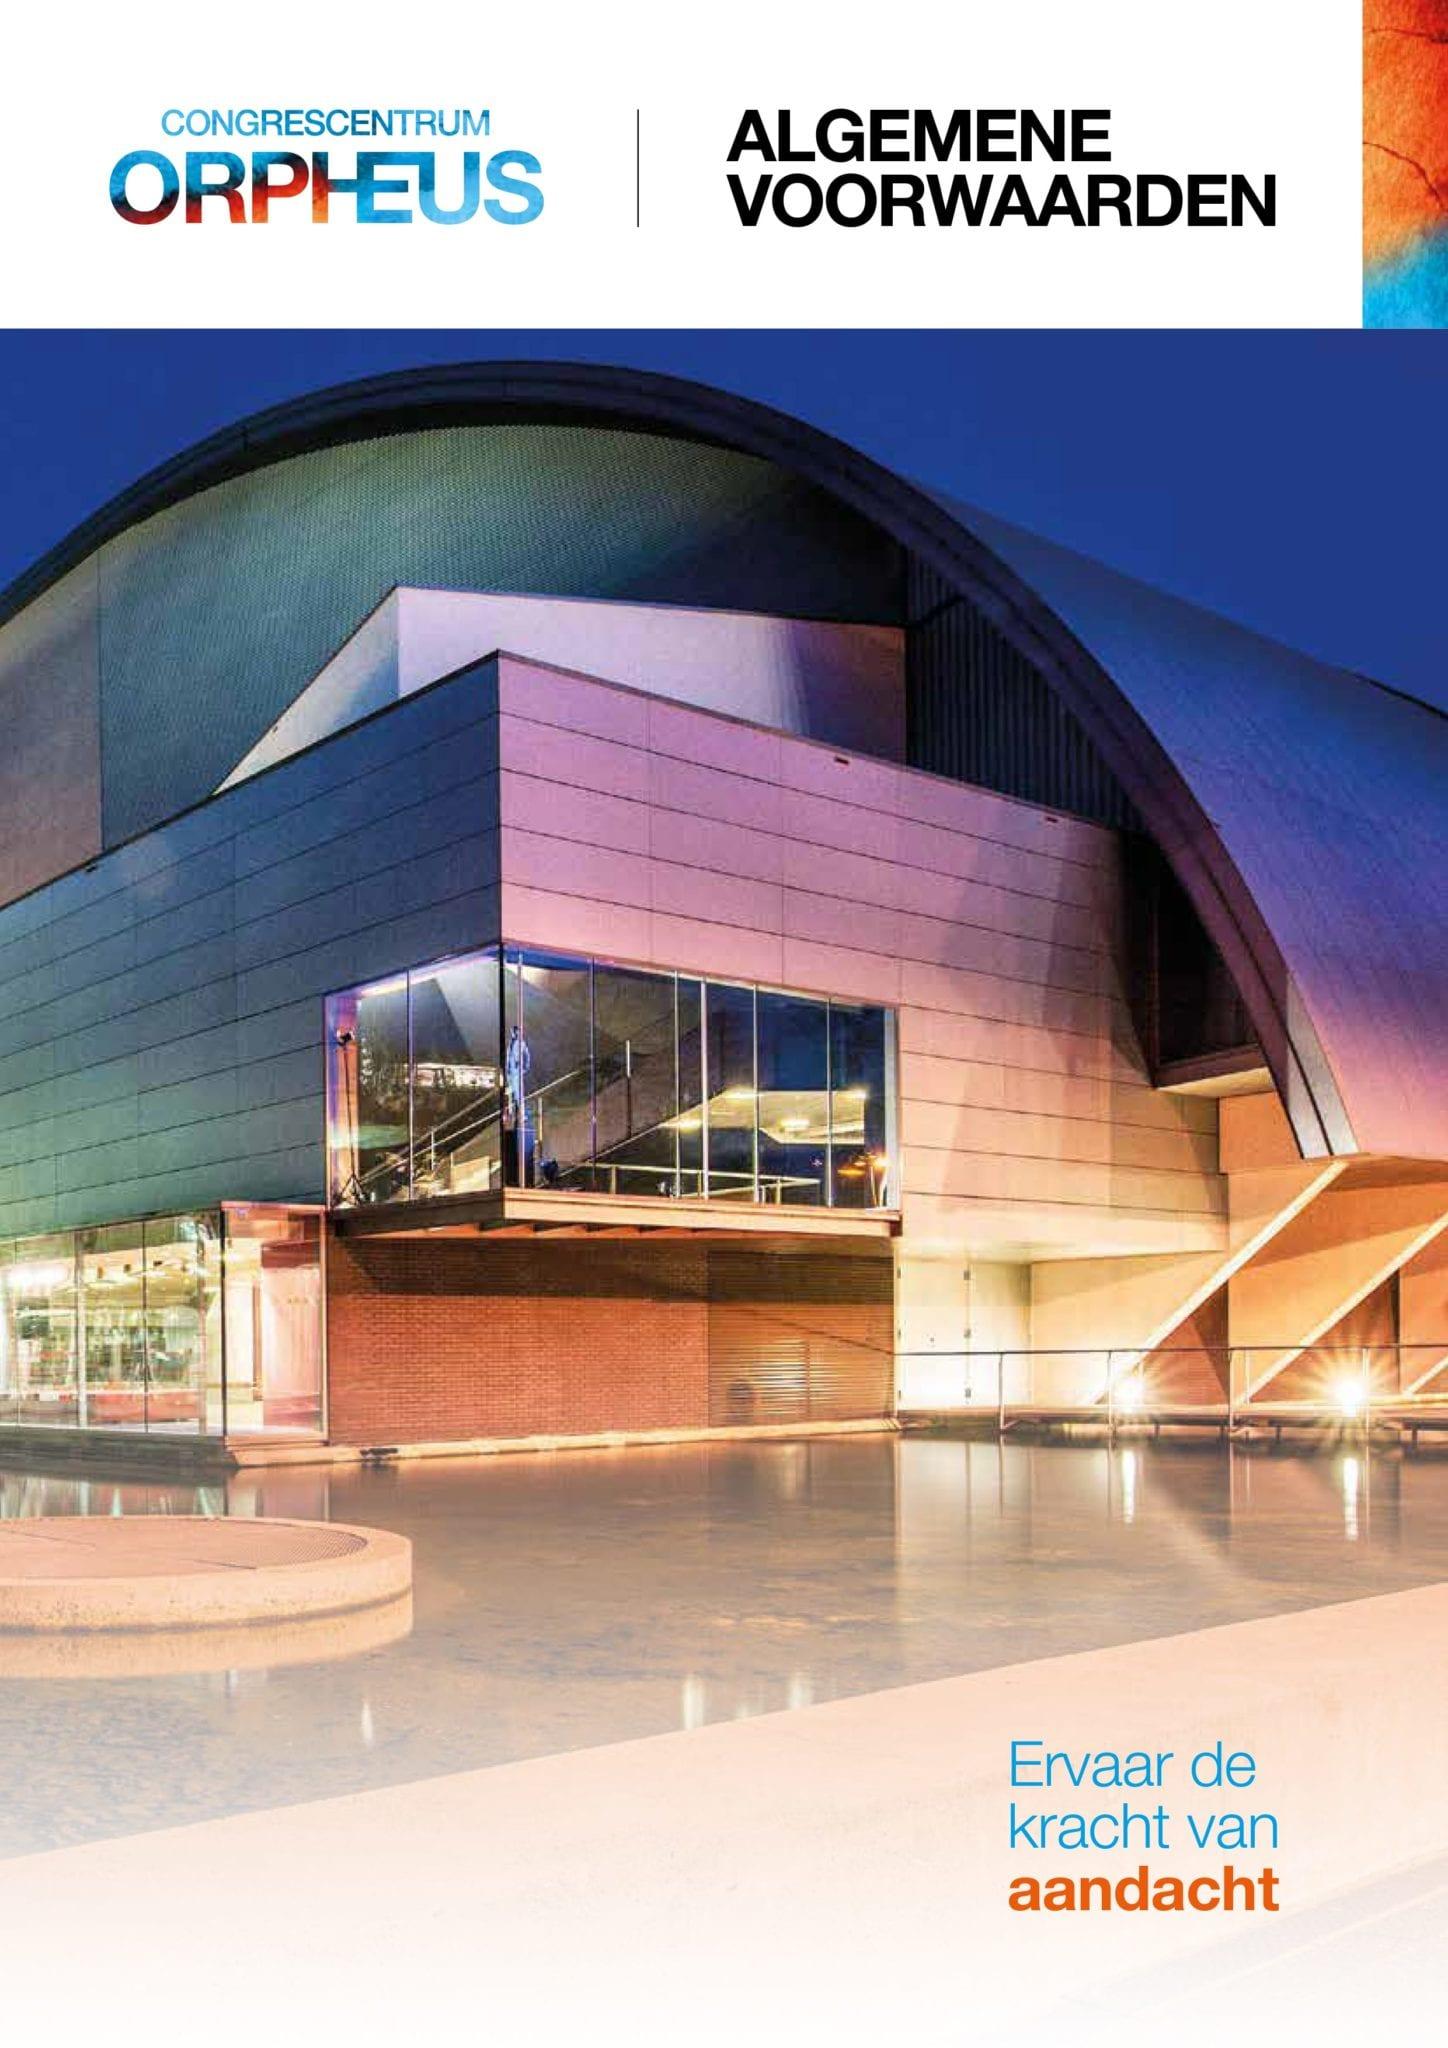 Algemene voorwaarden Theater & Congres Orpheus